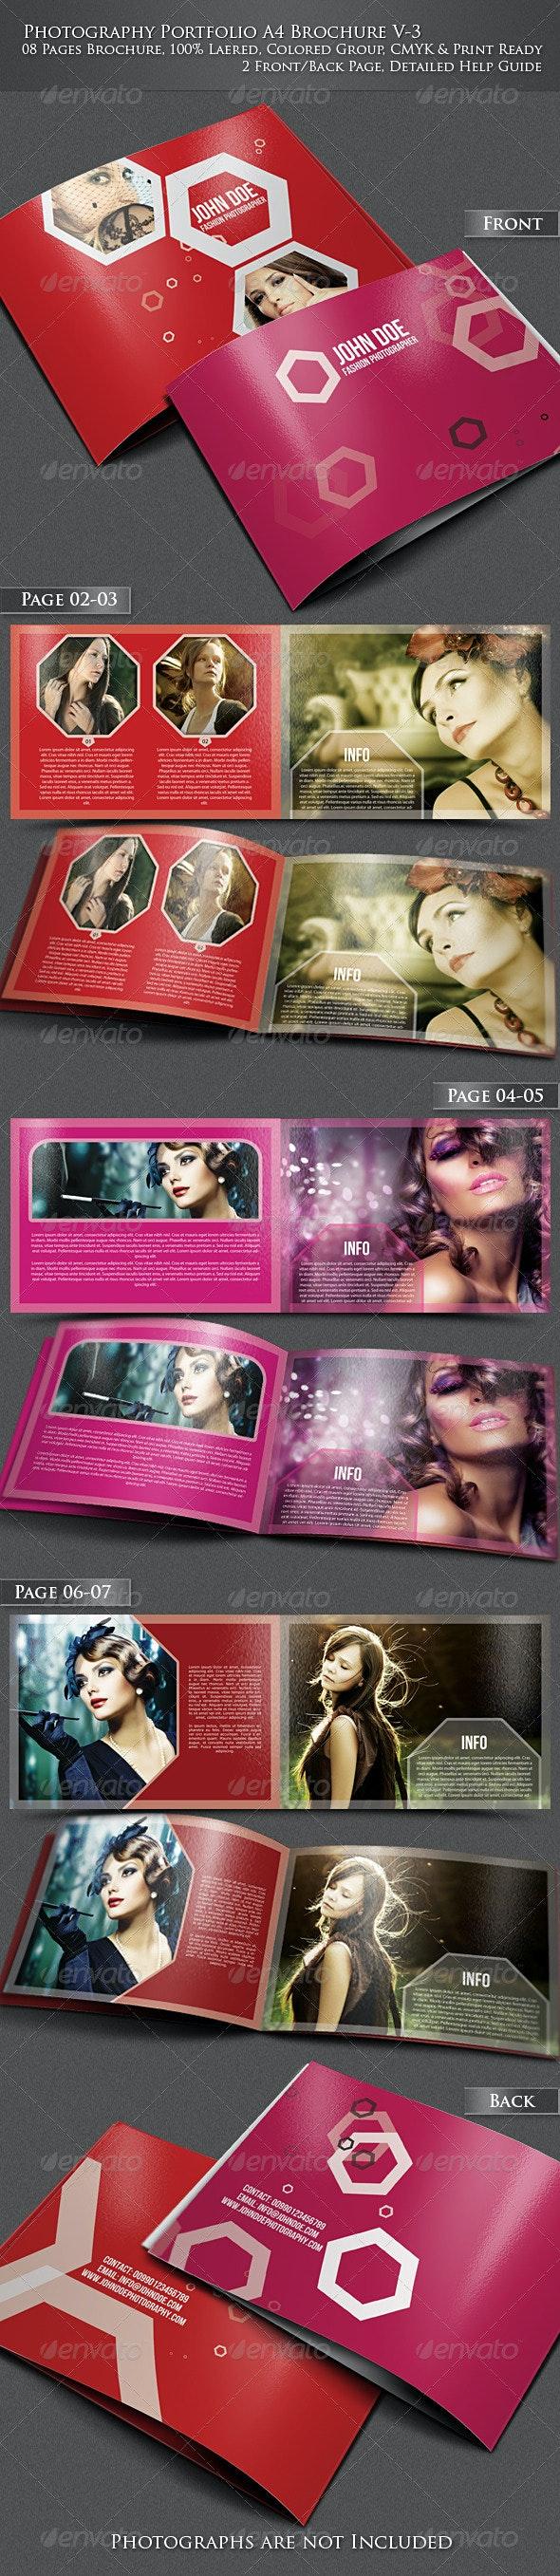 Photography Portfolio A4 Brochure -V3 - Portfolio Brochures